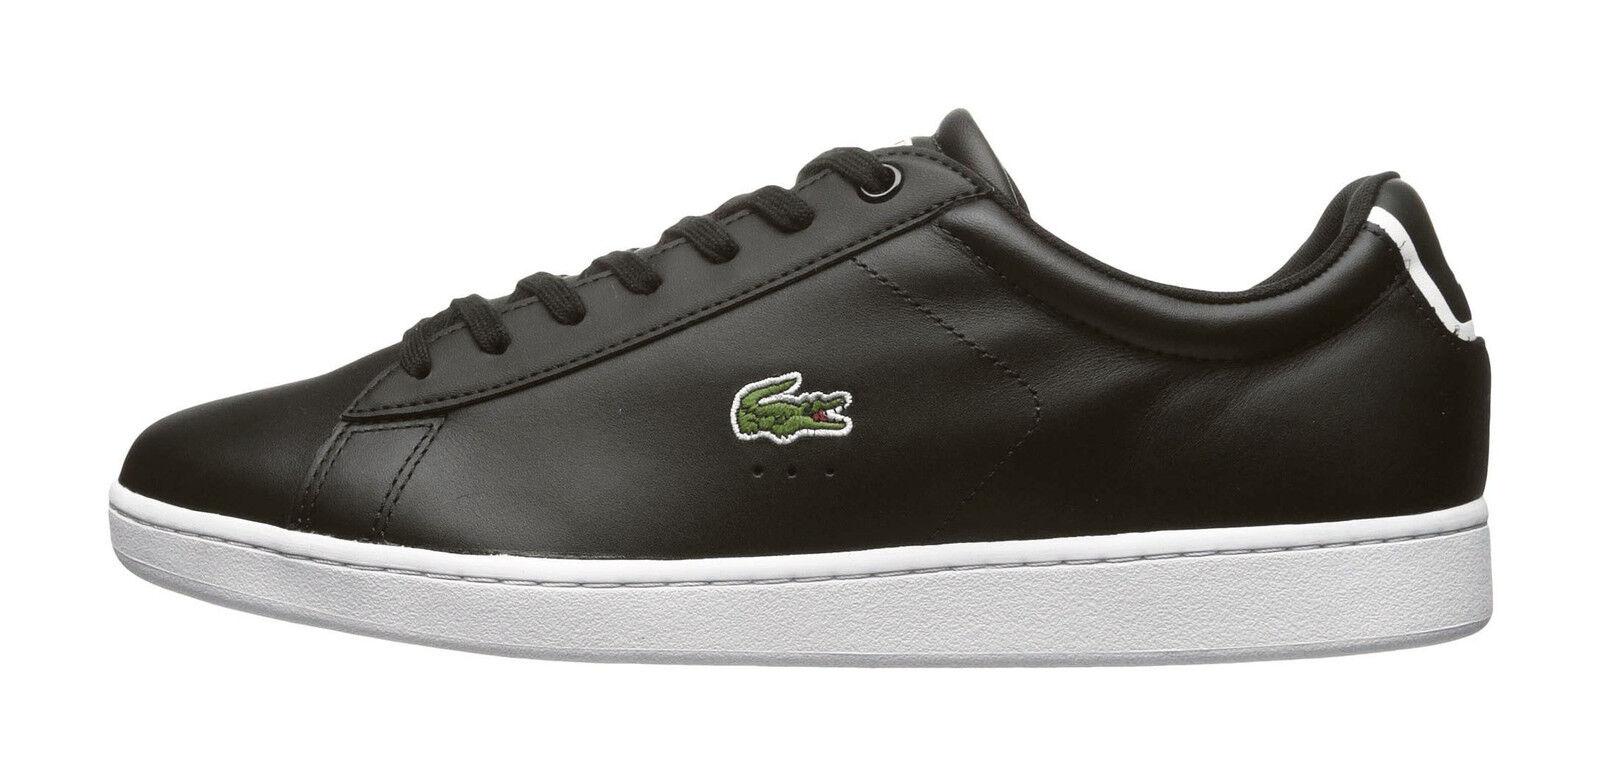 20e5fa93c Lacoste Men u0027s shoes Carnaby Evo BL BL BL 1 SPM 7-33SPM1002024 .